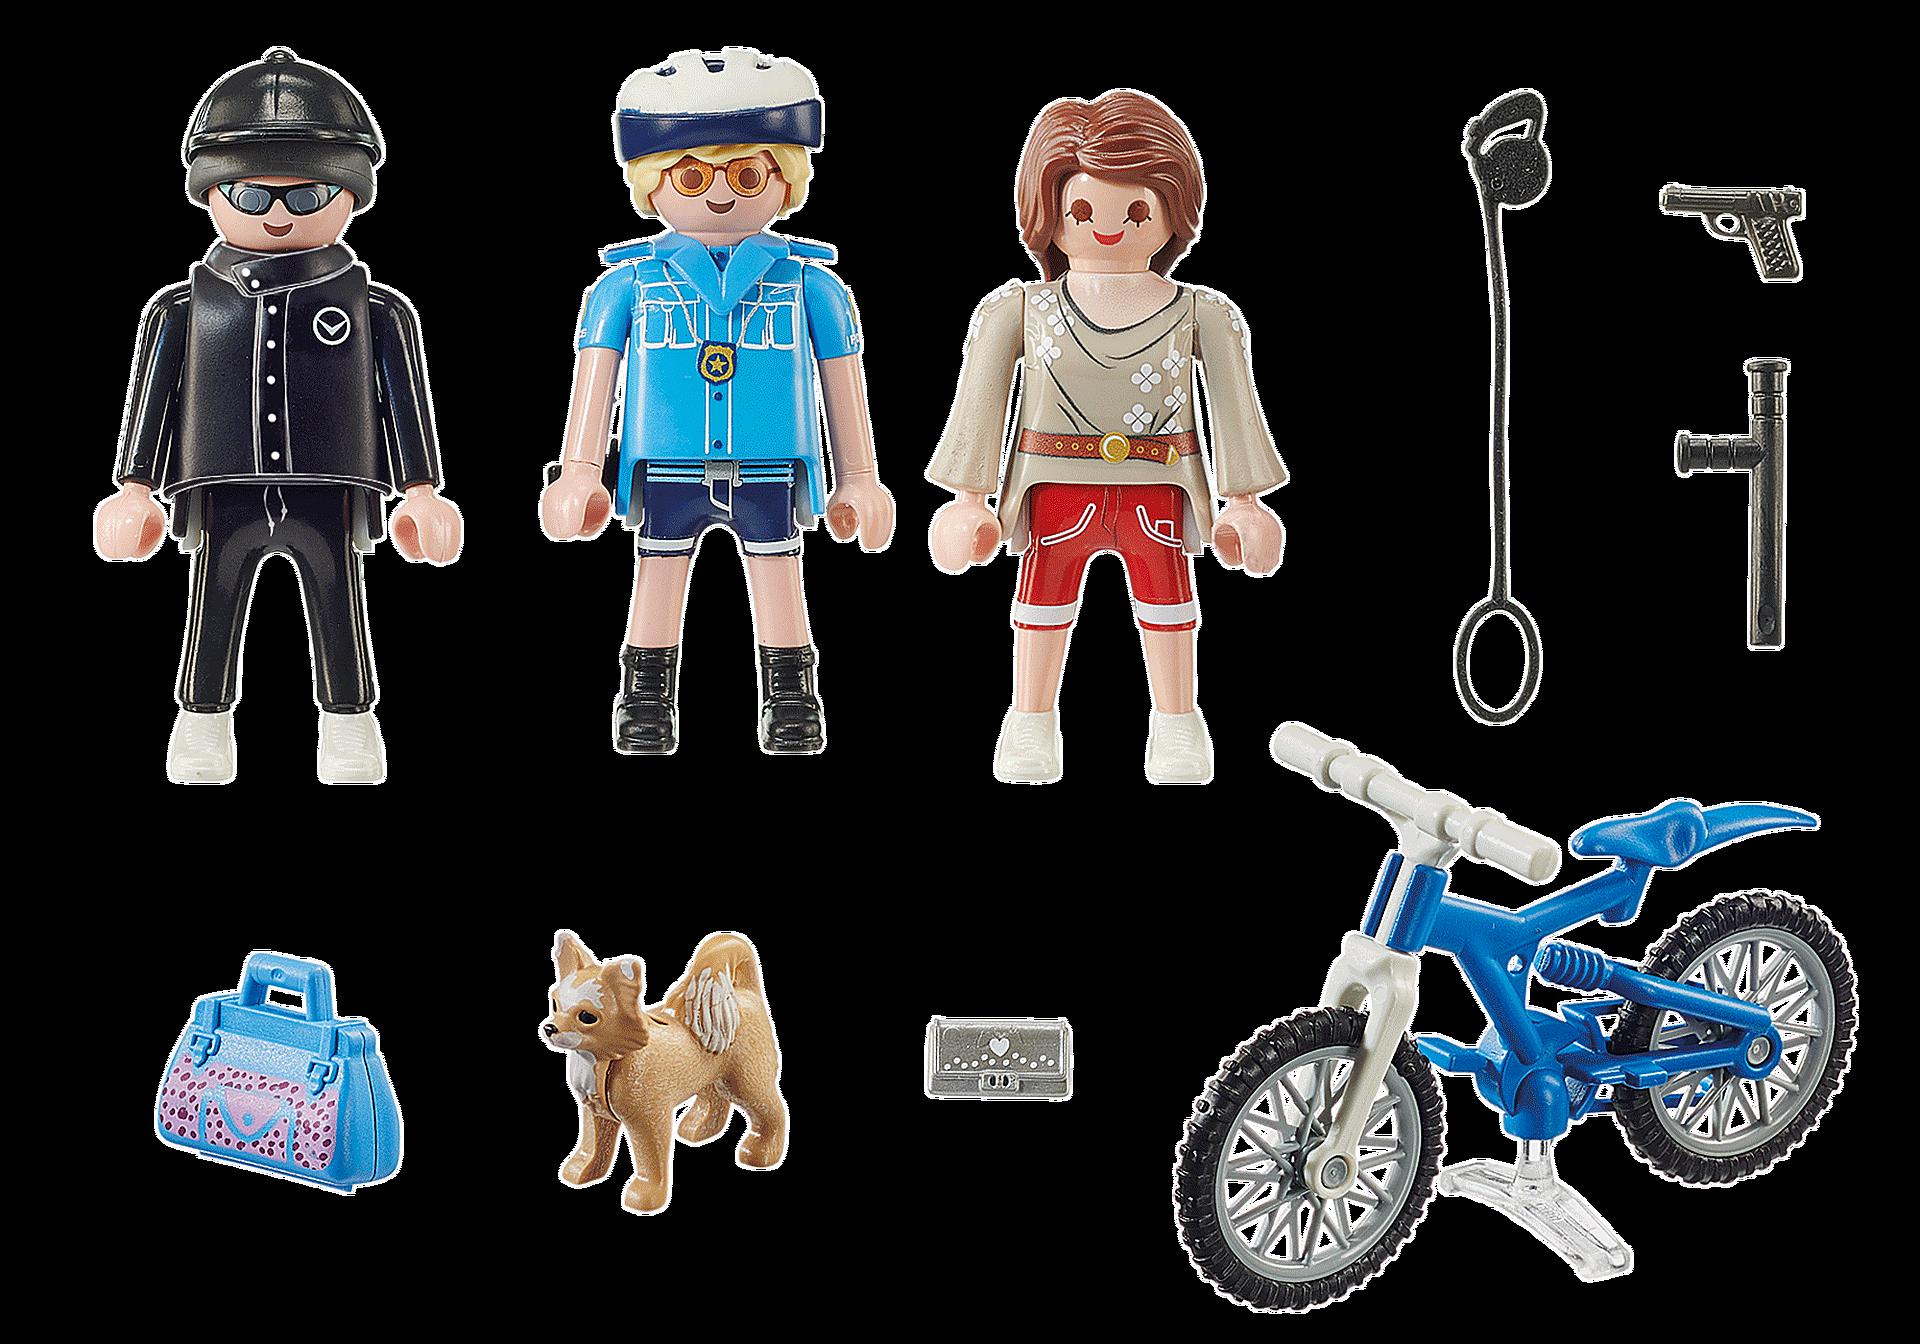 70573 Bicicleta da Polícia: Perseguição ao ladrão de carteiras zoom image3